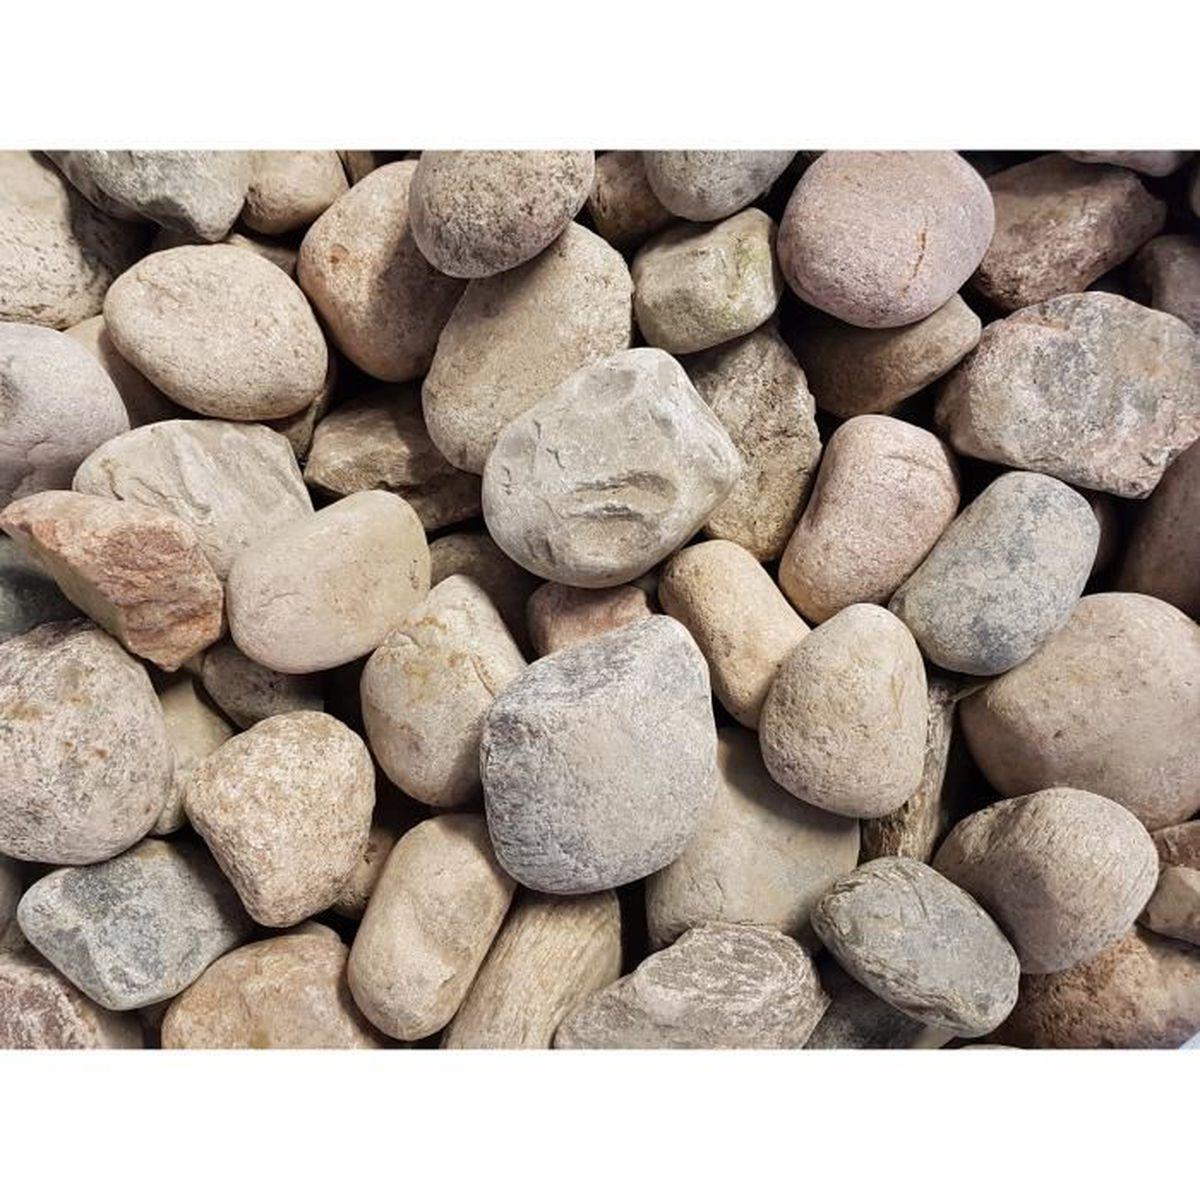 Acheter Gravier Pour Allée 25 kg gravier de rivière 8-20 cm cailloux granitiques